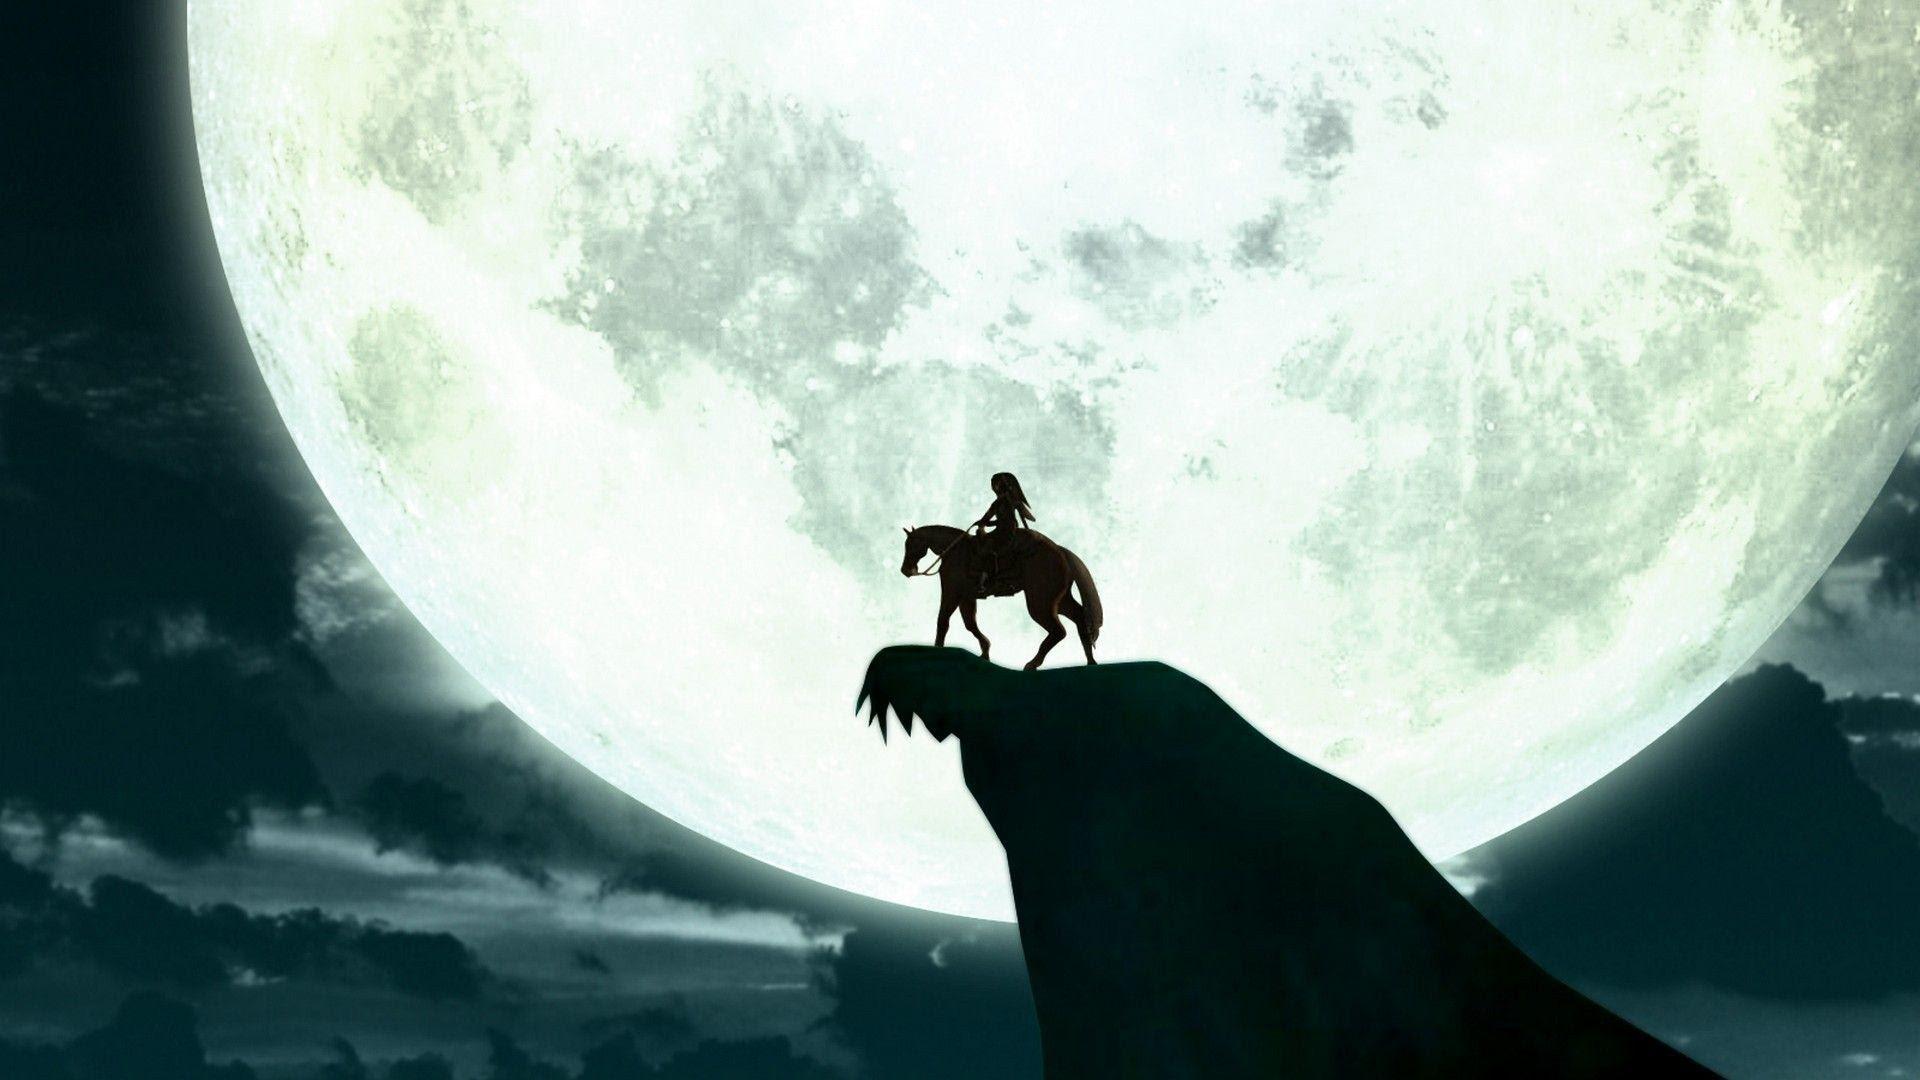 Legend Of Zelda Wallpapers  Wallpaper Cave